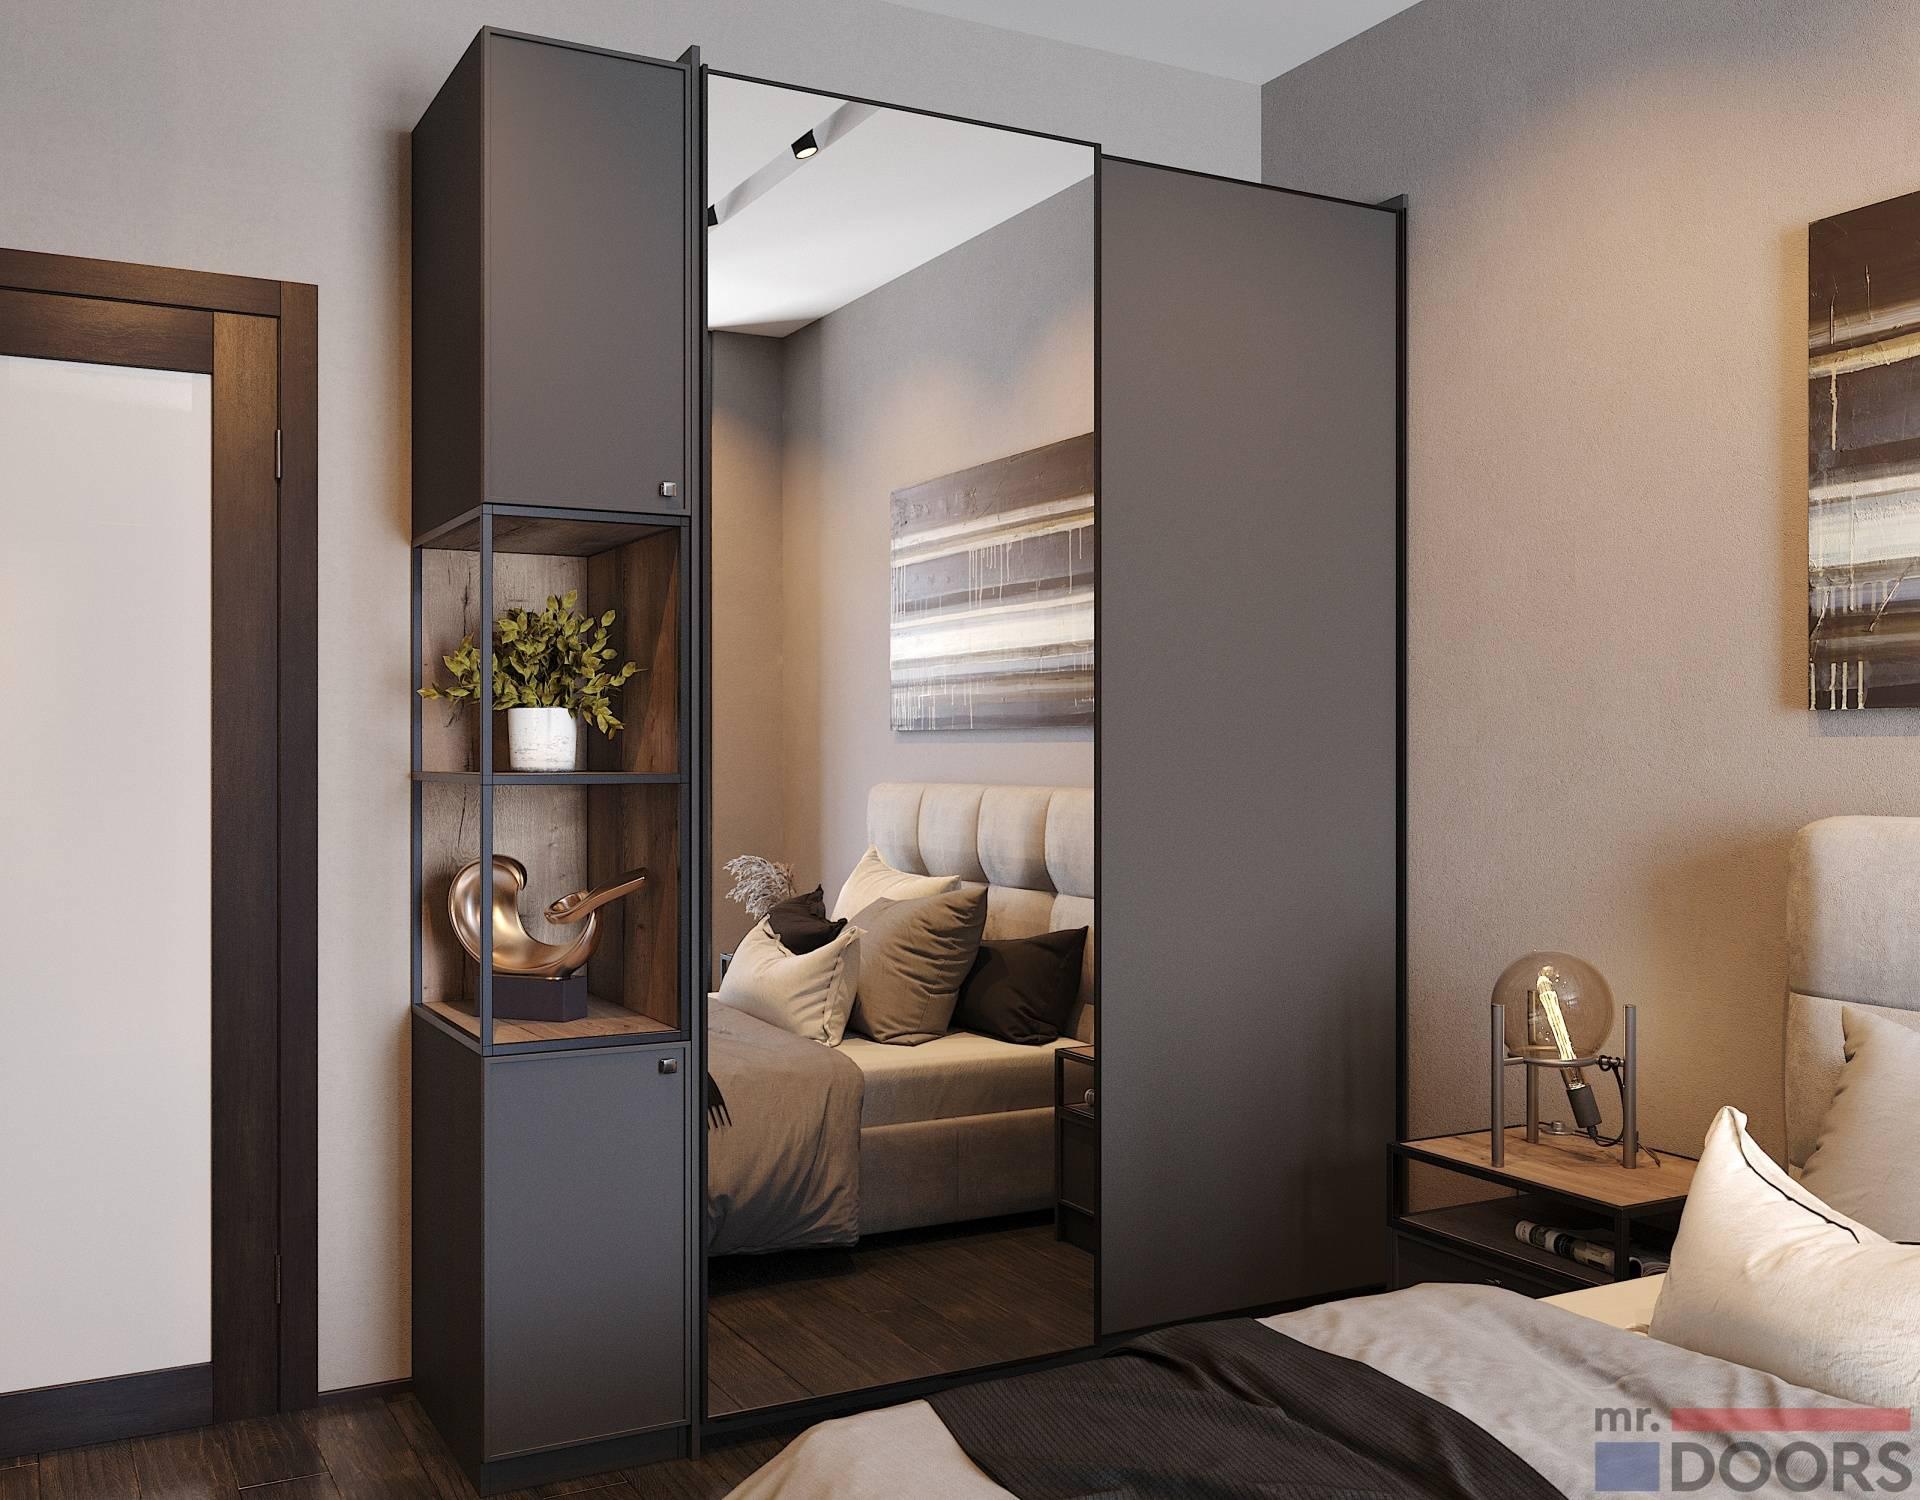 Шкаф в прихожую — разновидности моделей, модные тенденции и актуальные варианты применения в интерьере (130 фото)